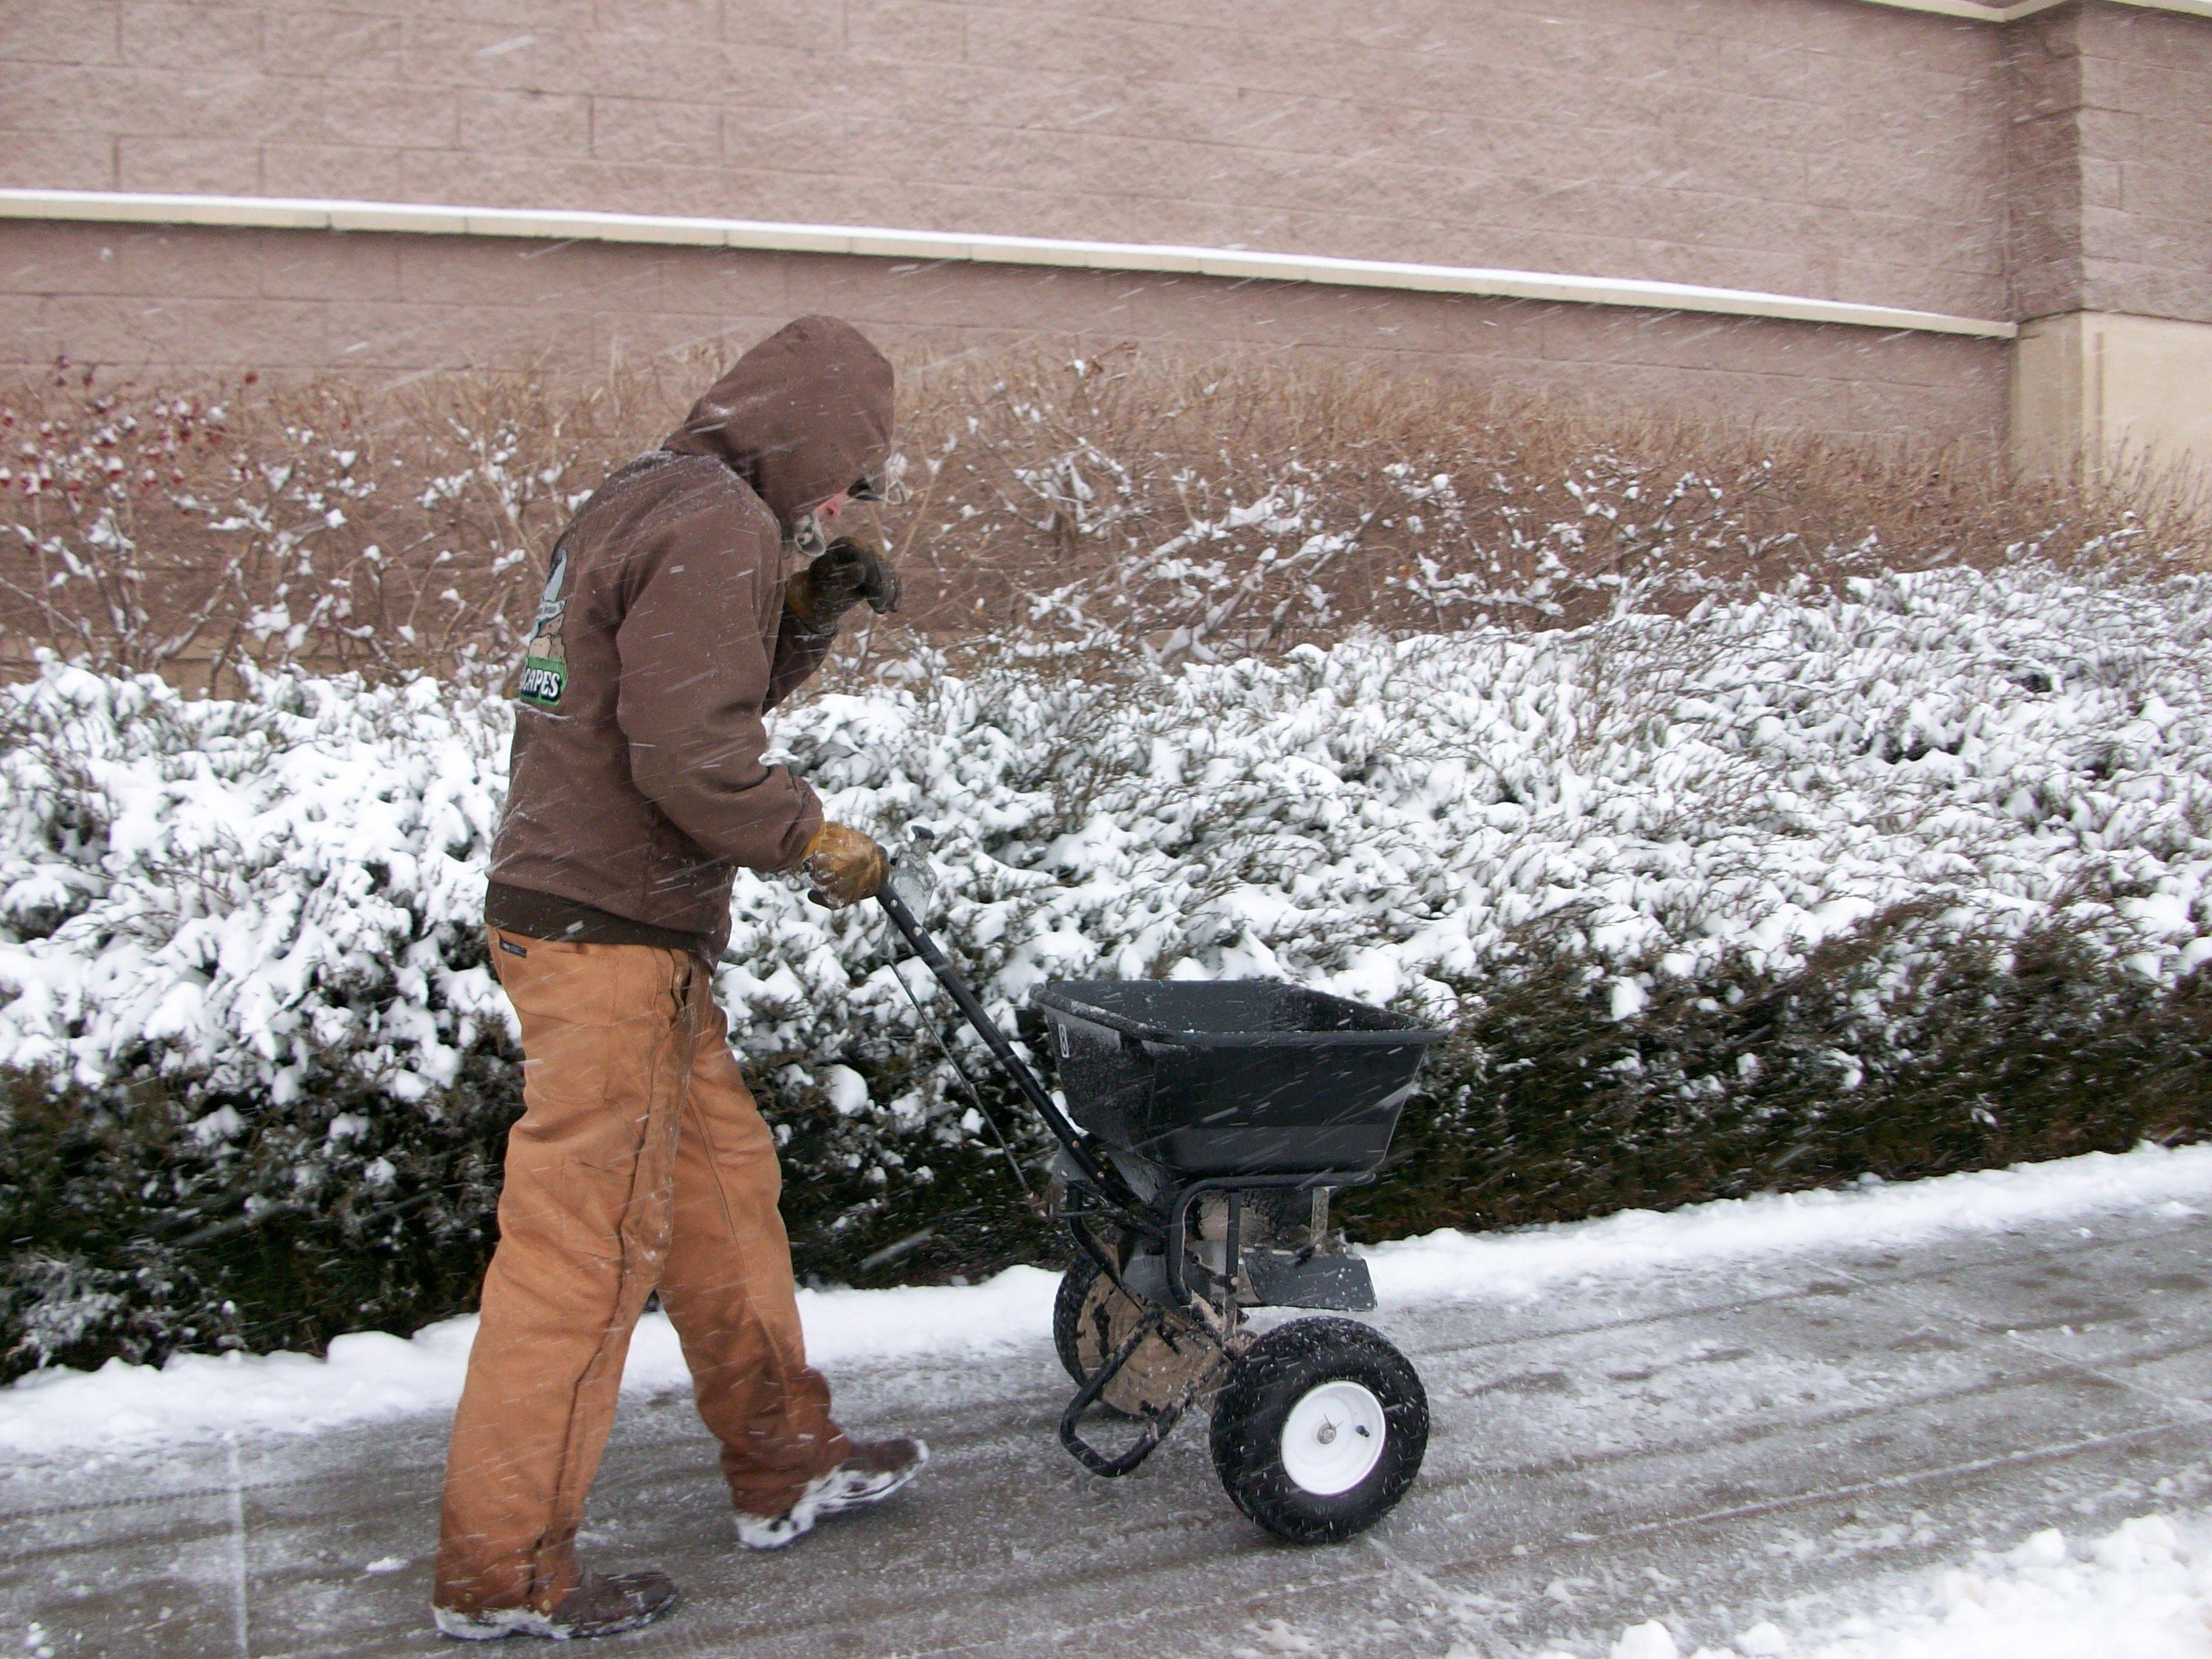 Embassy worker applies ice melt.